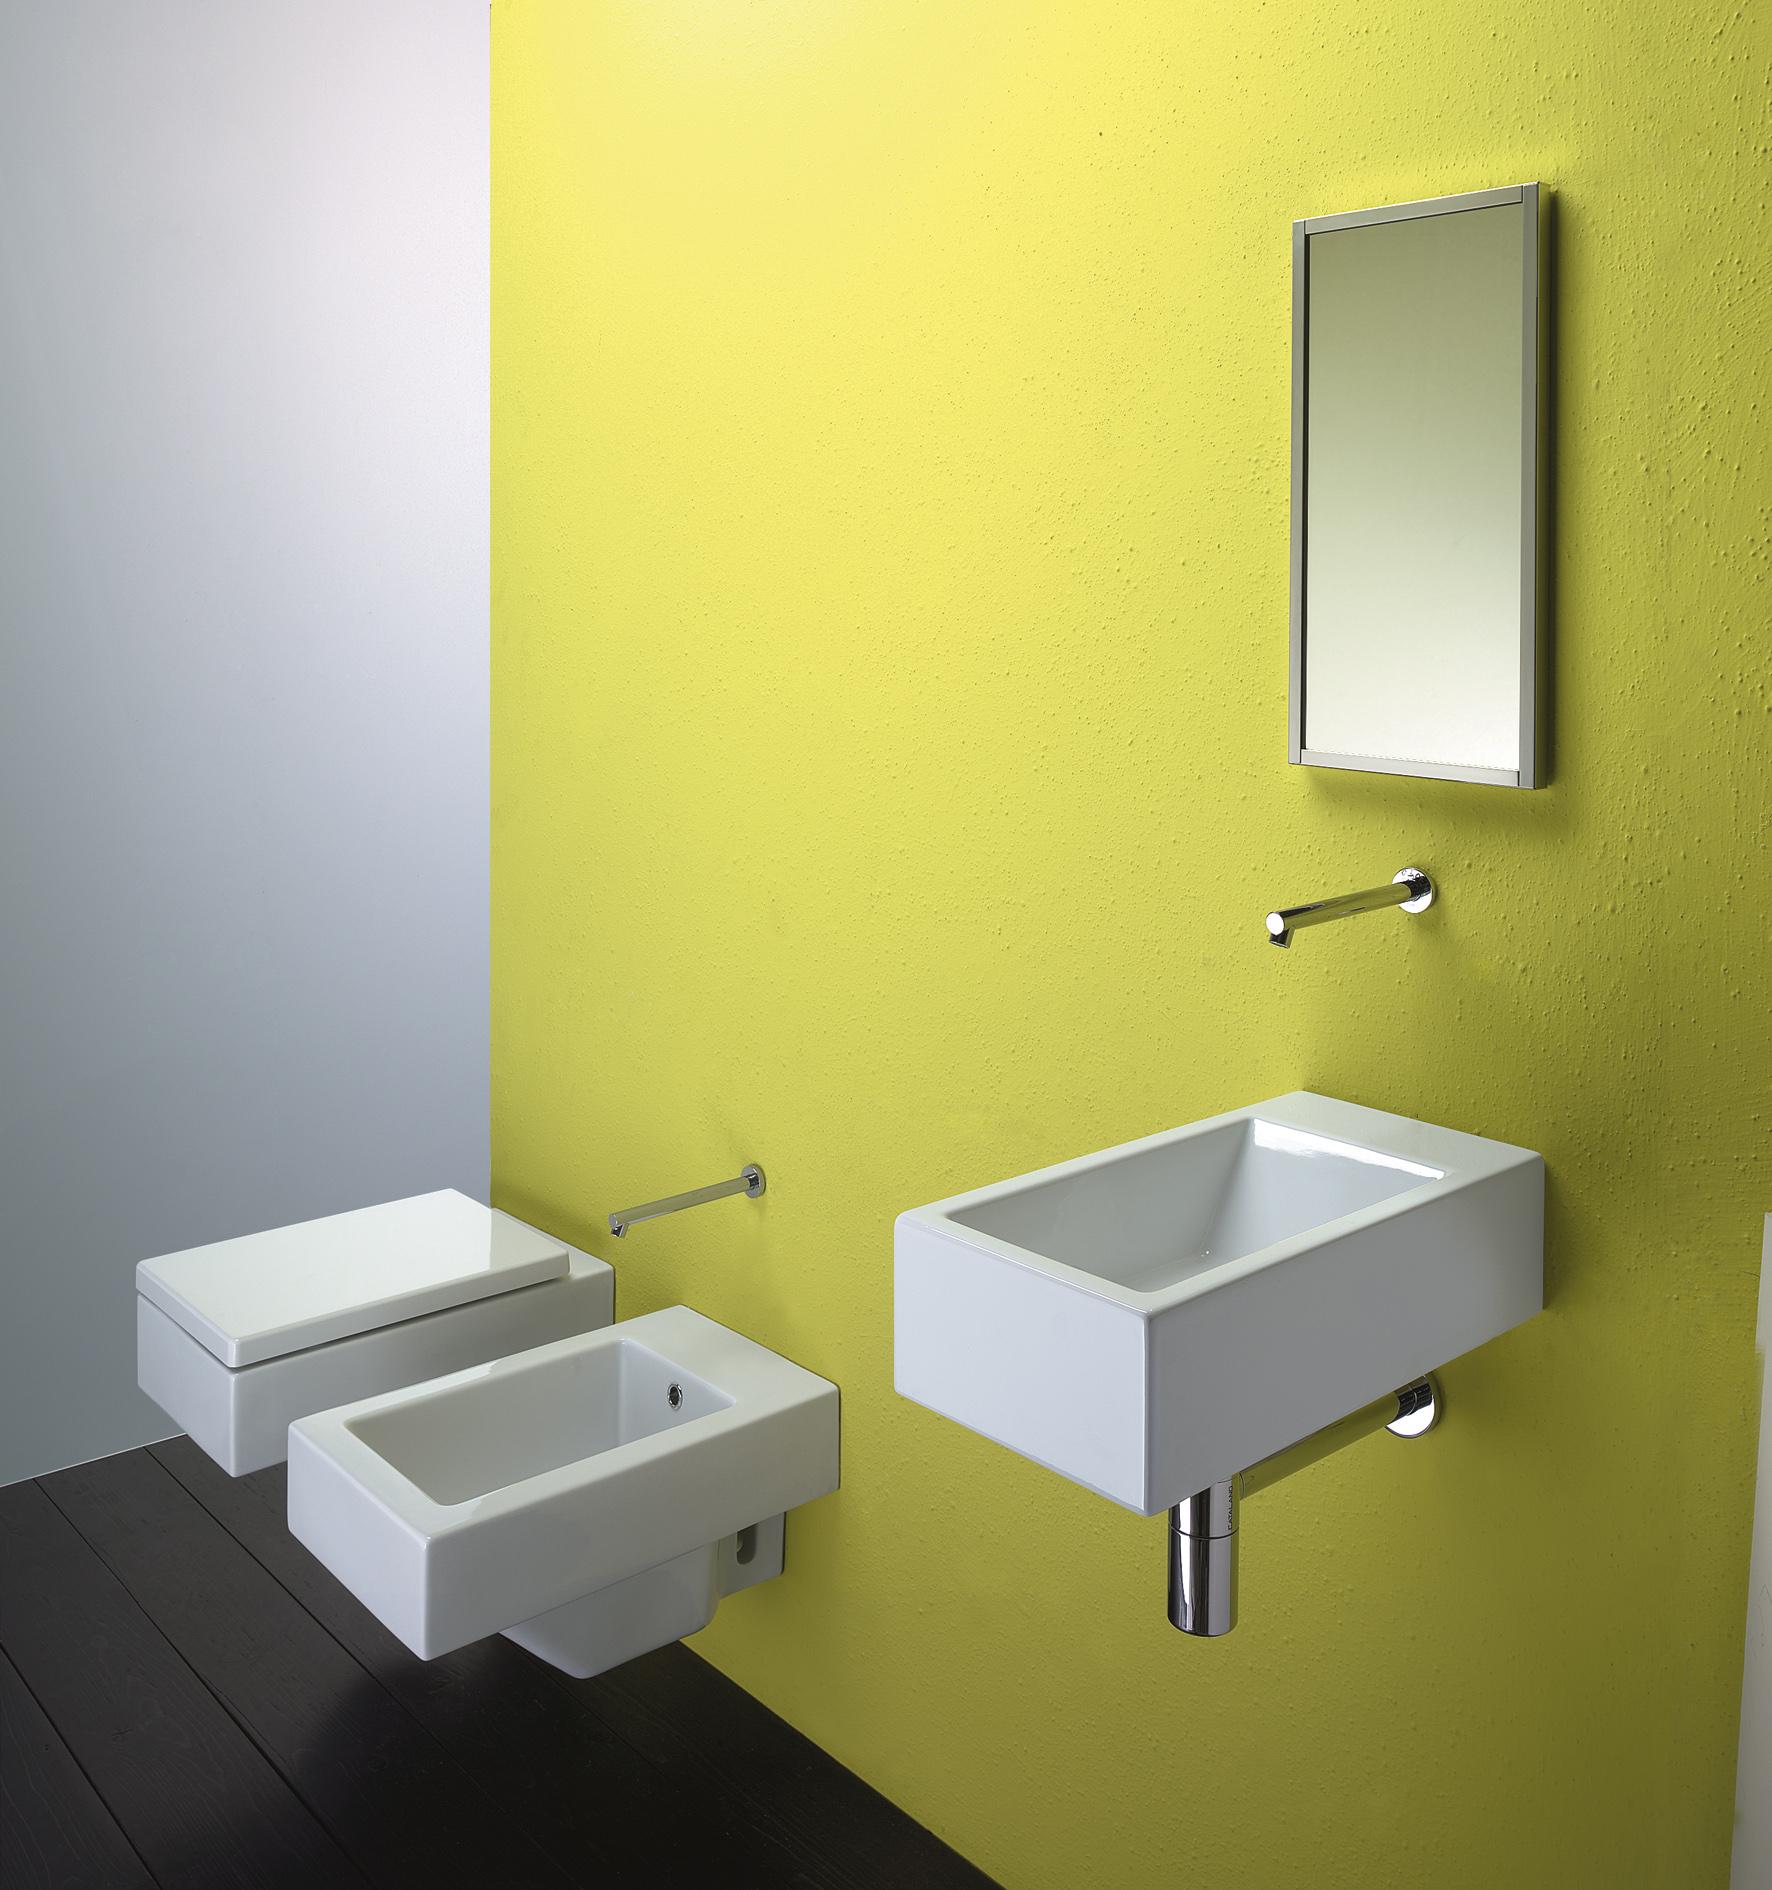 syphon f r waschbecken dichtungsset f r waschbecken siphon 1 1 4. Black Bedroom Furniture Sets. Home Design Ideas